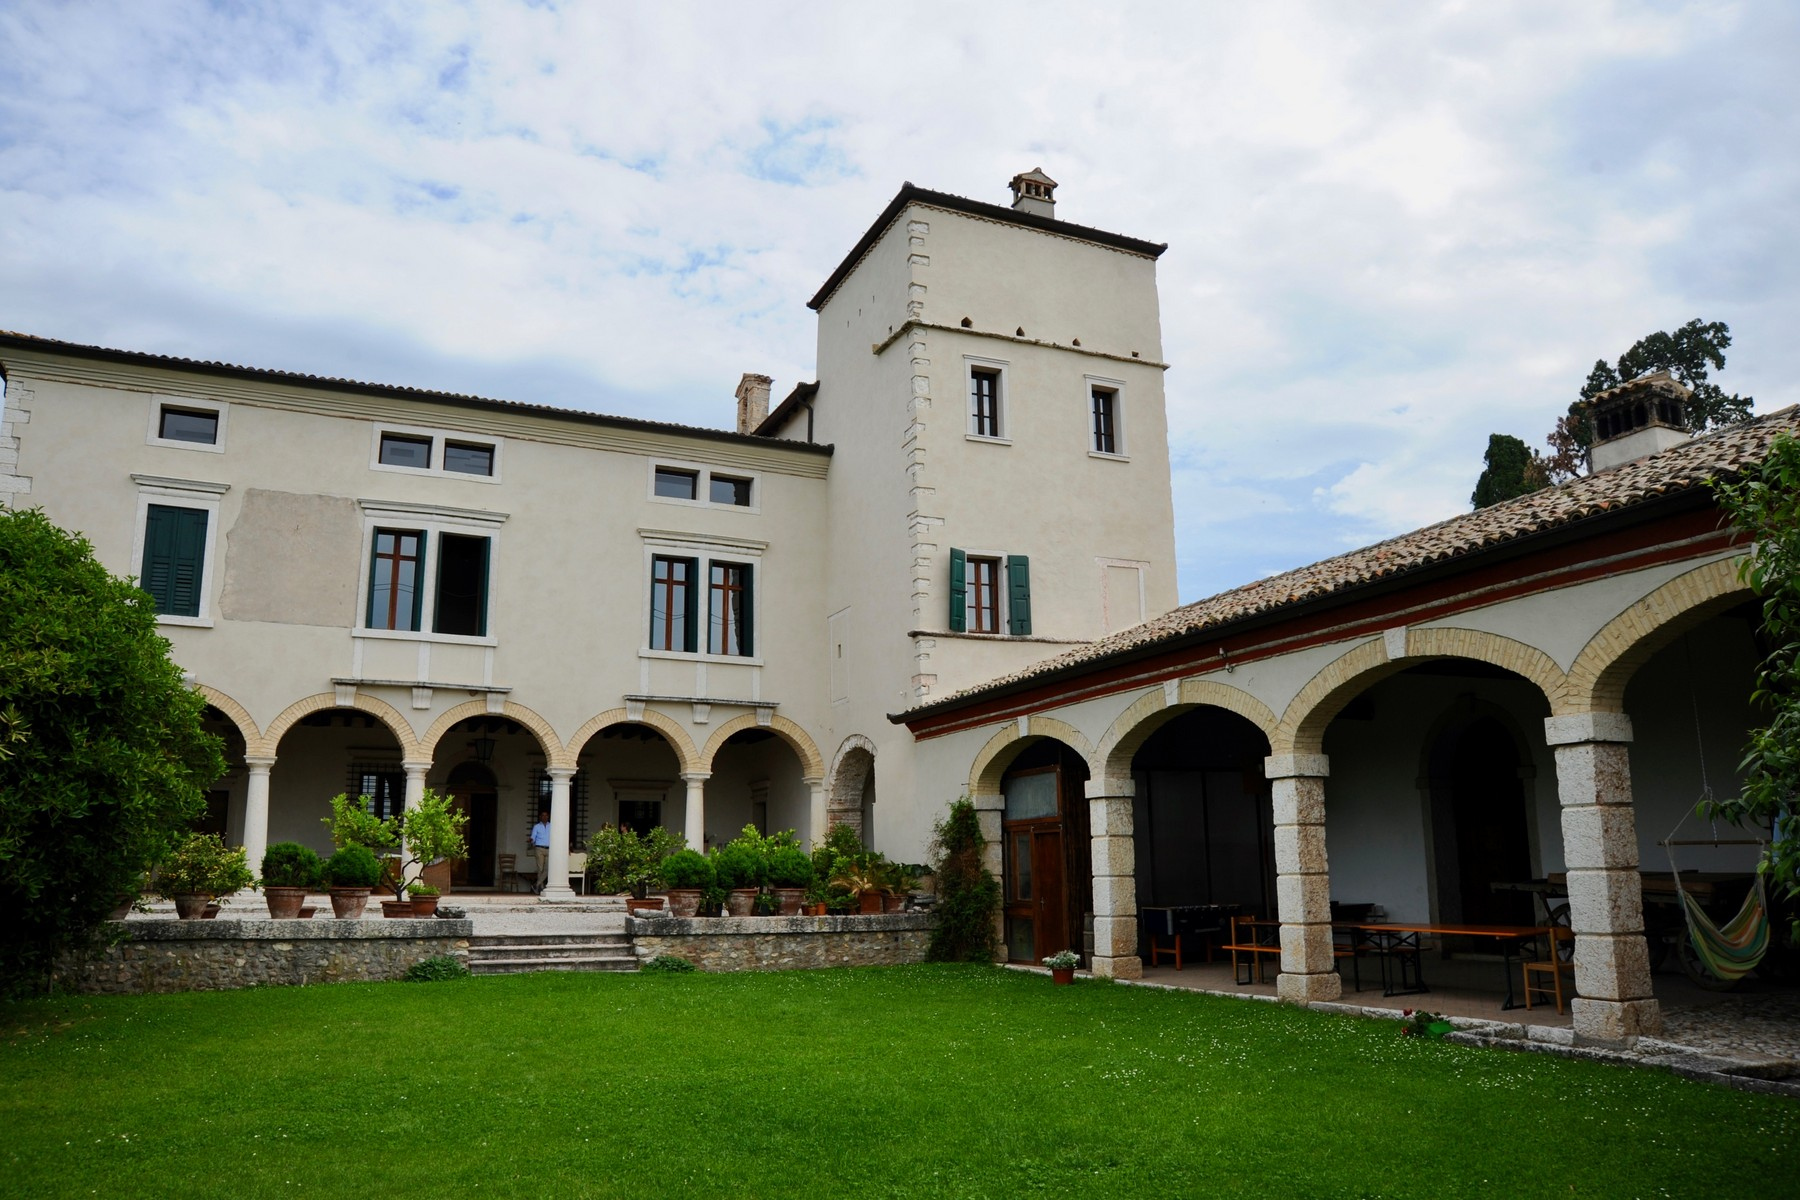 Villa in Vendita a Verona corso porta nuova